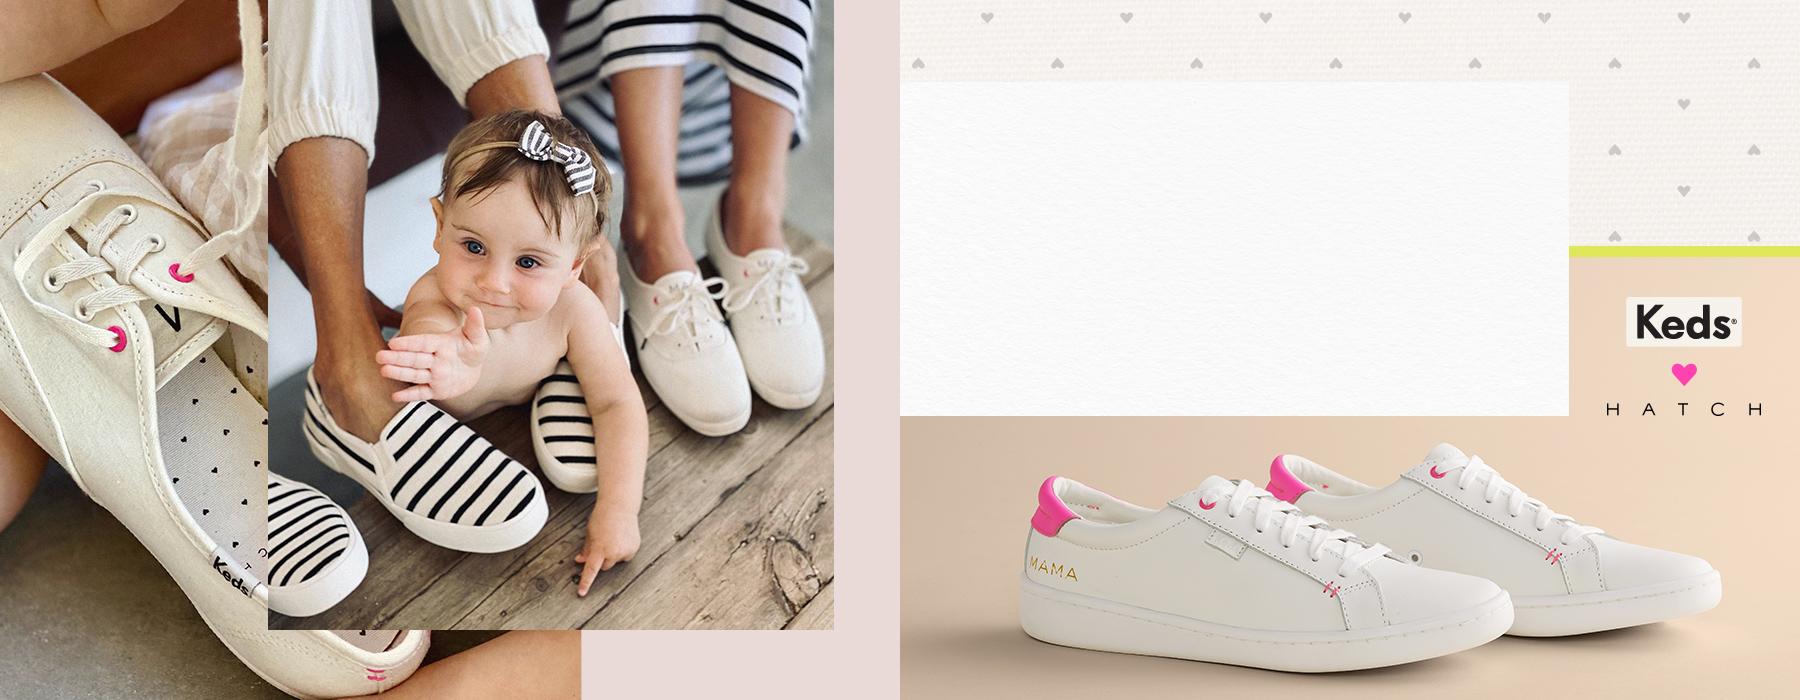 Double Decker Shoes